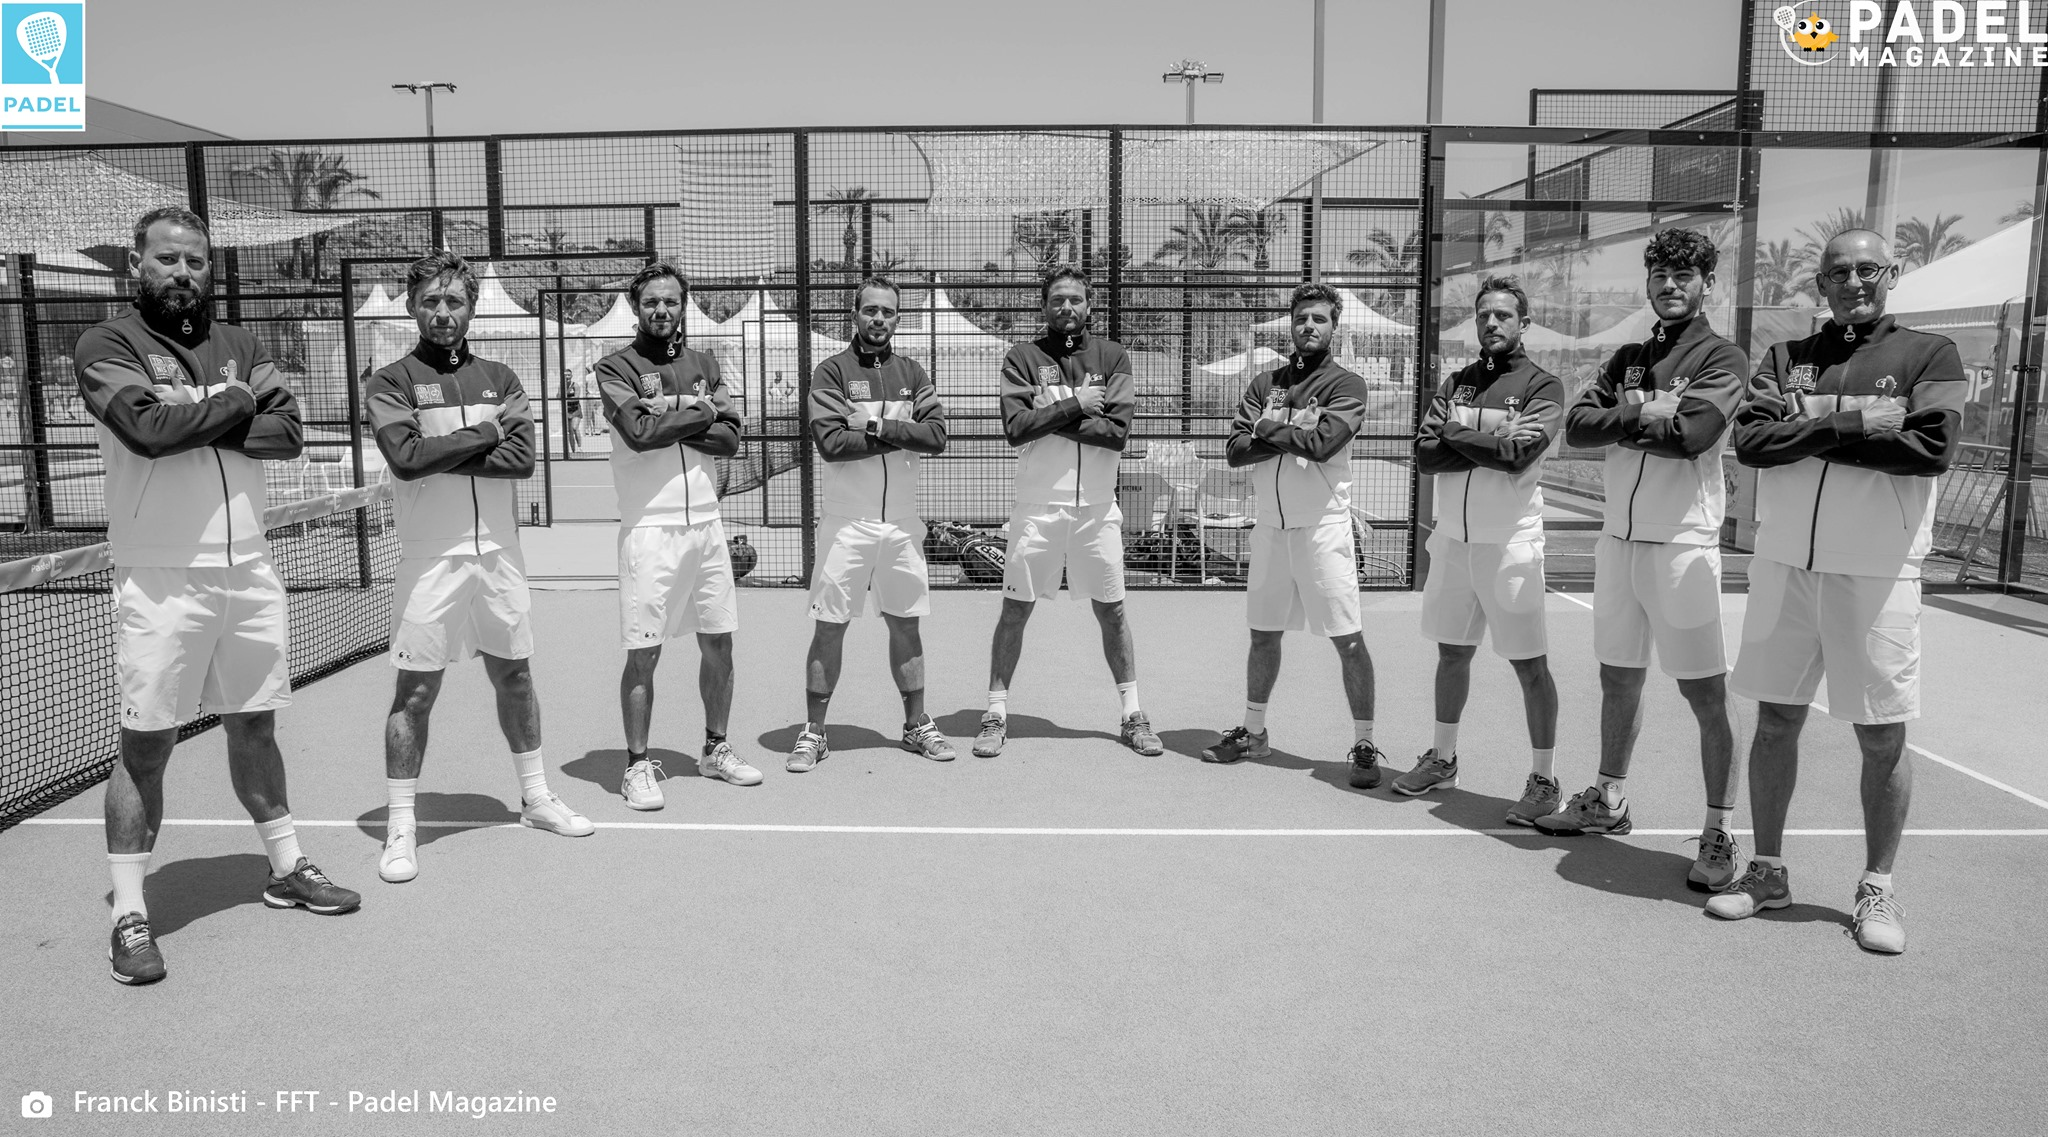 Equipe de france padel europe 2021 bras croisés noir et blanc